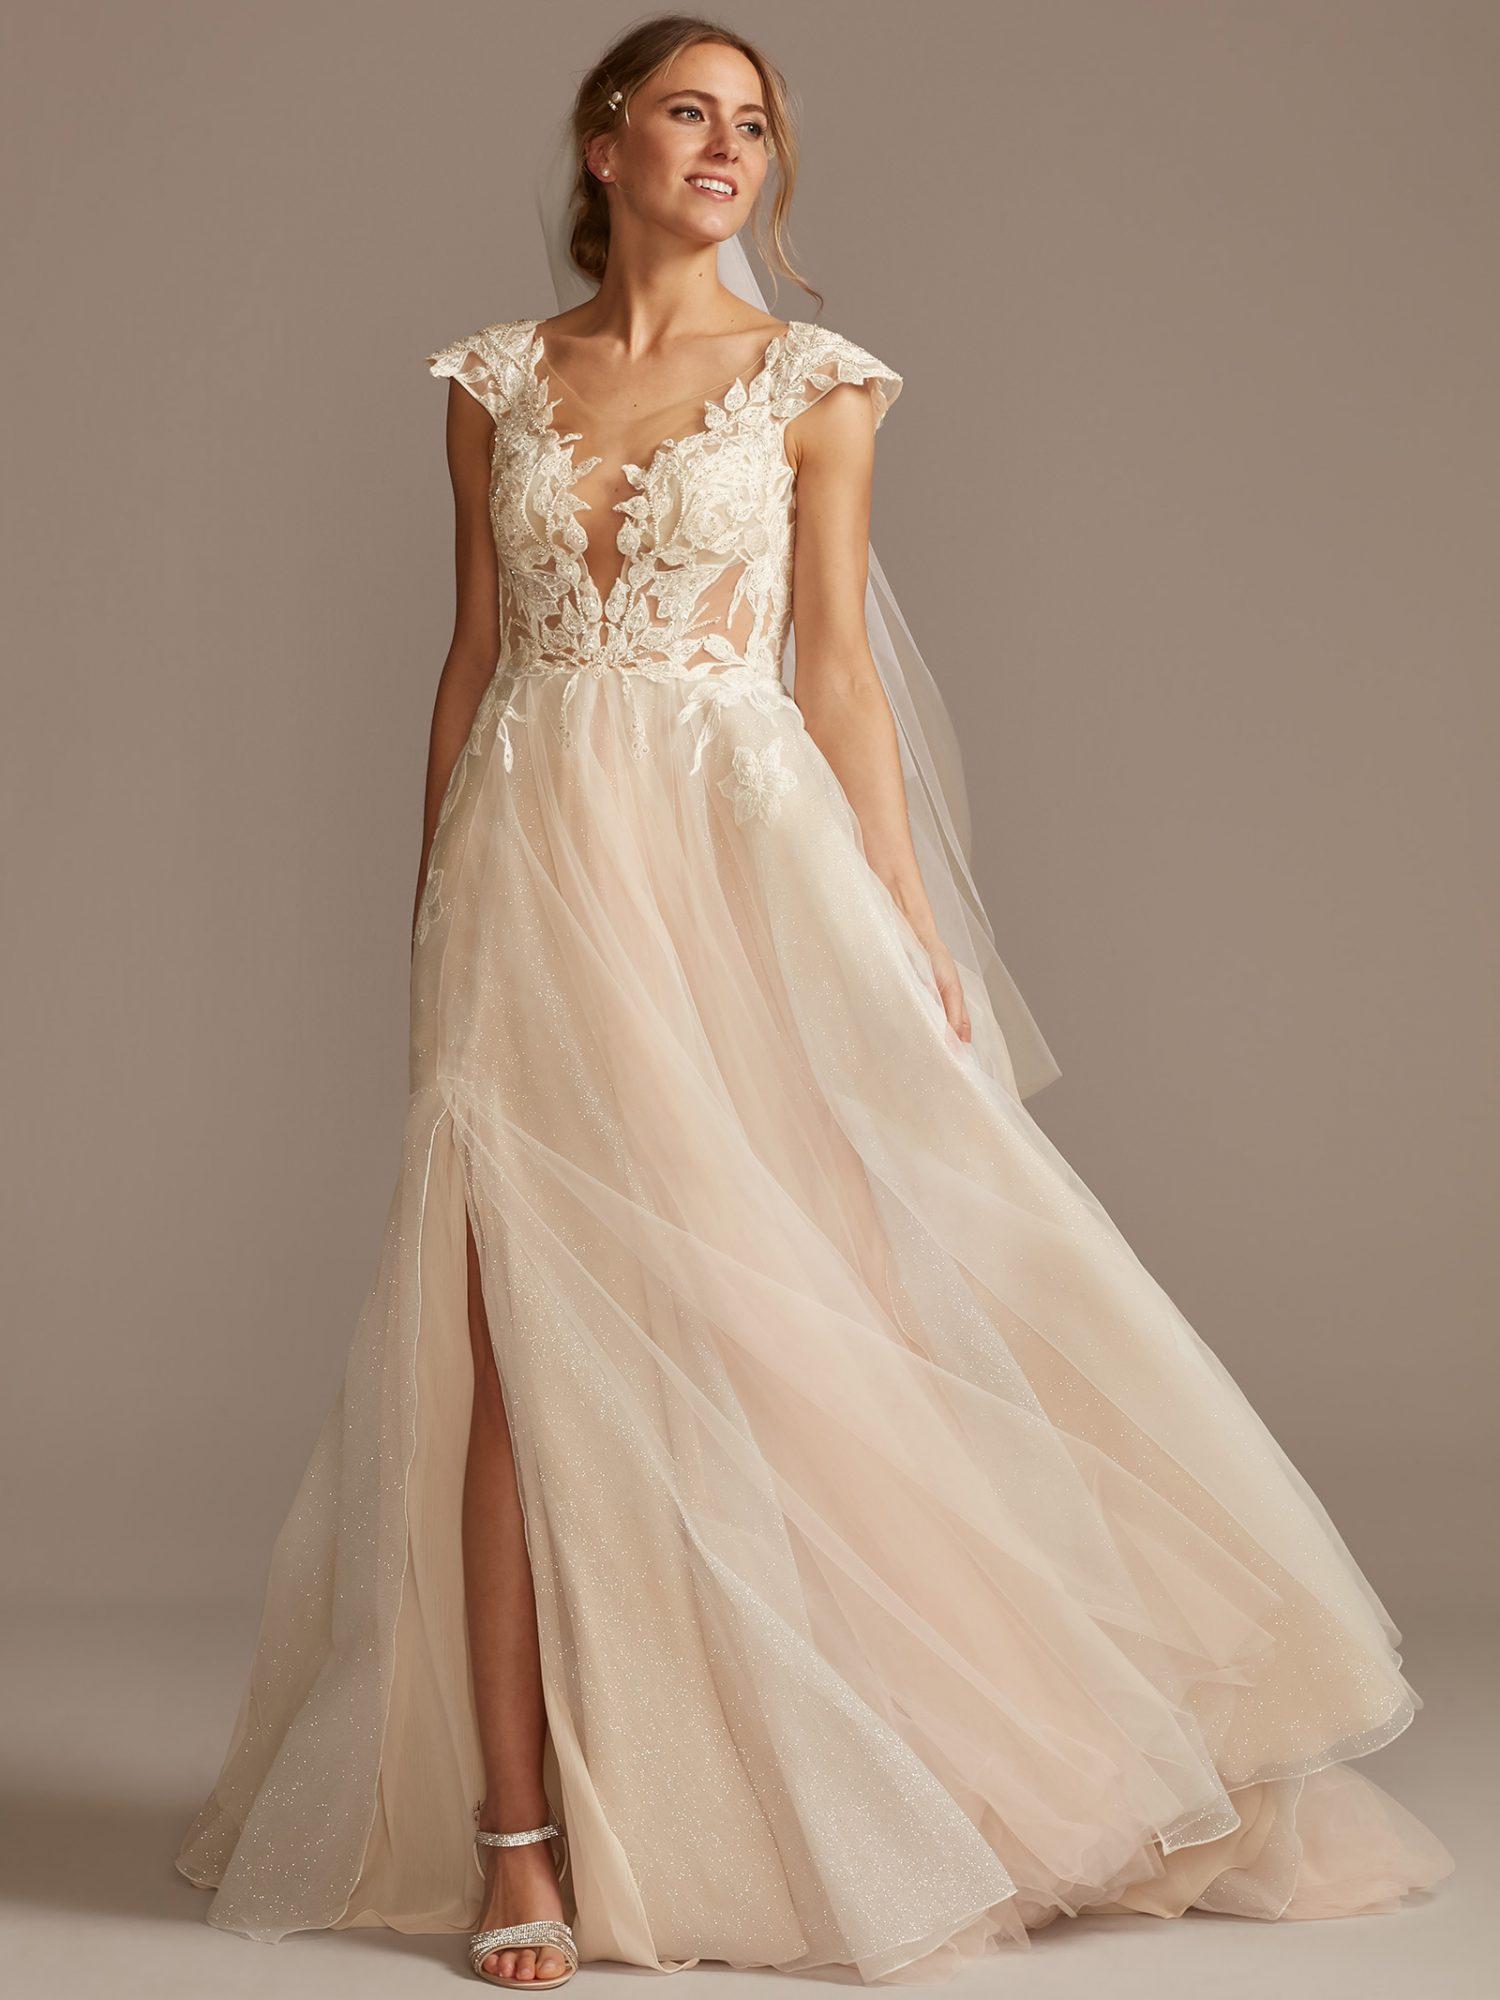 davids bridal cap sleeve embroidered side slit tulle skirt wedding dress spring 2021